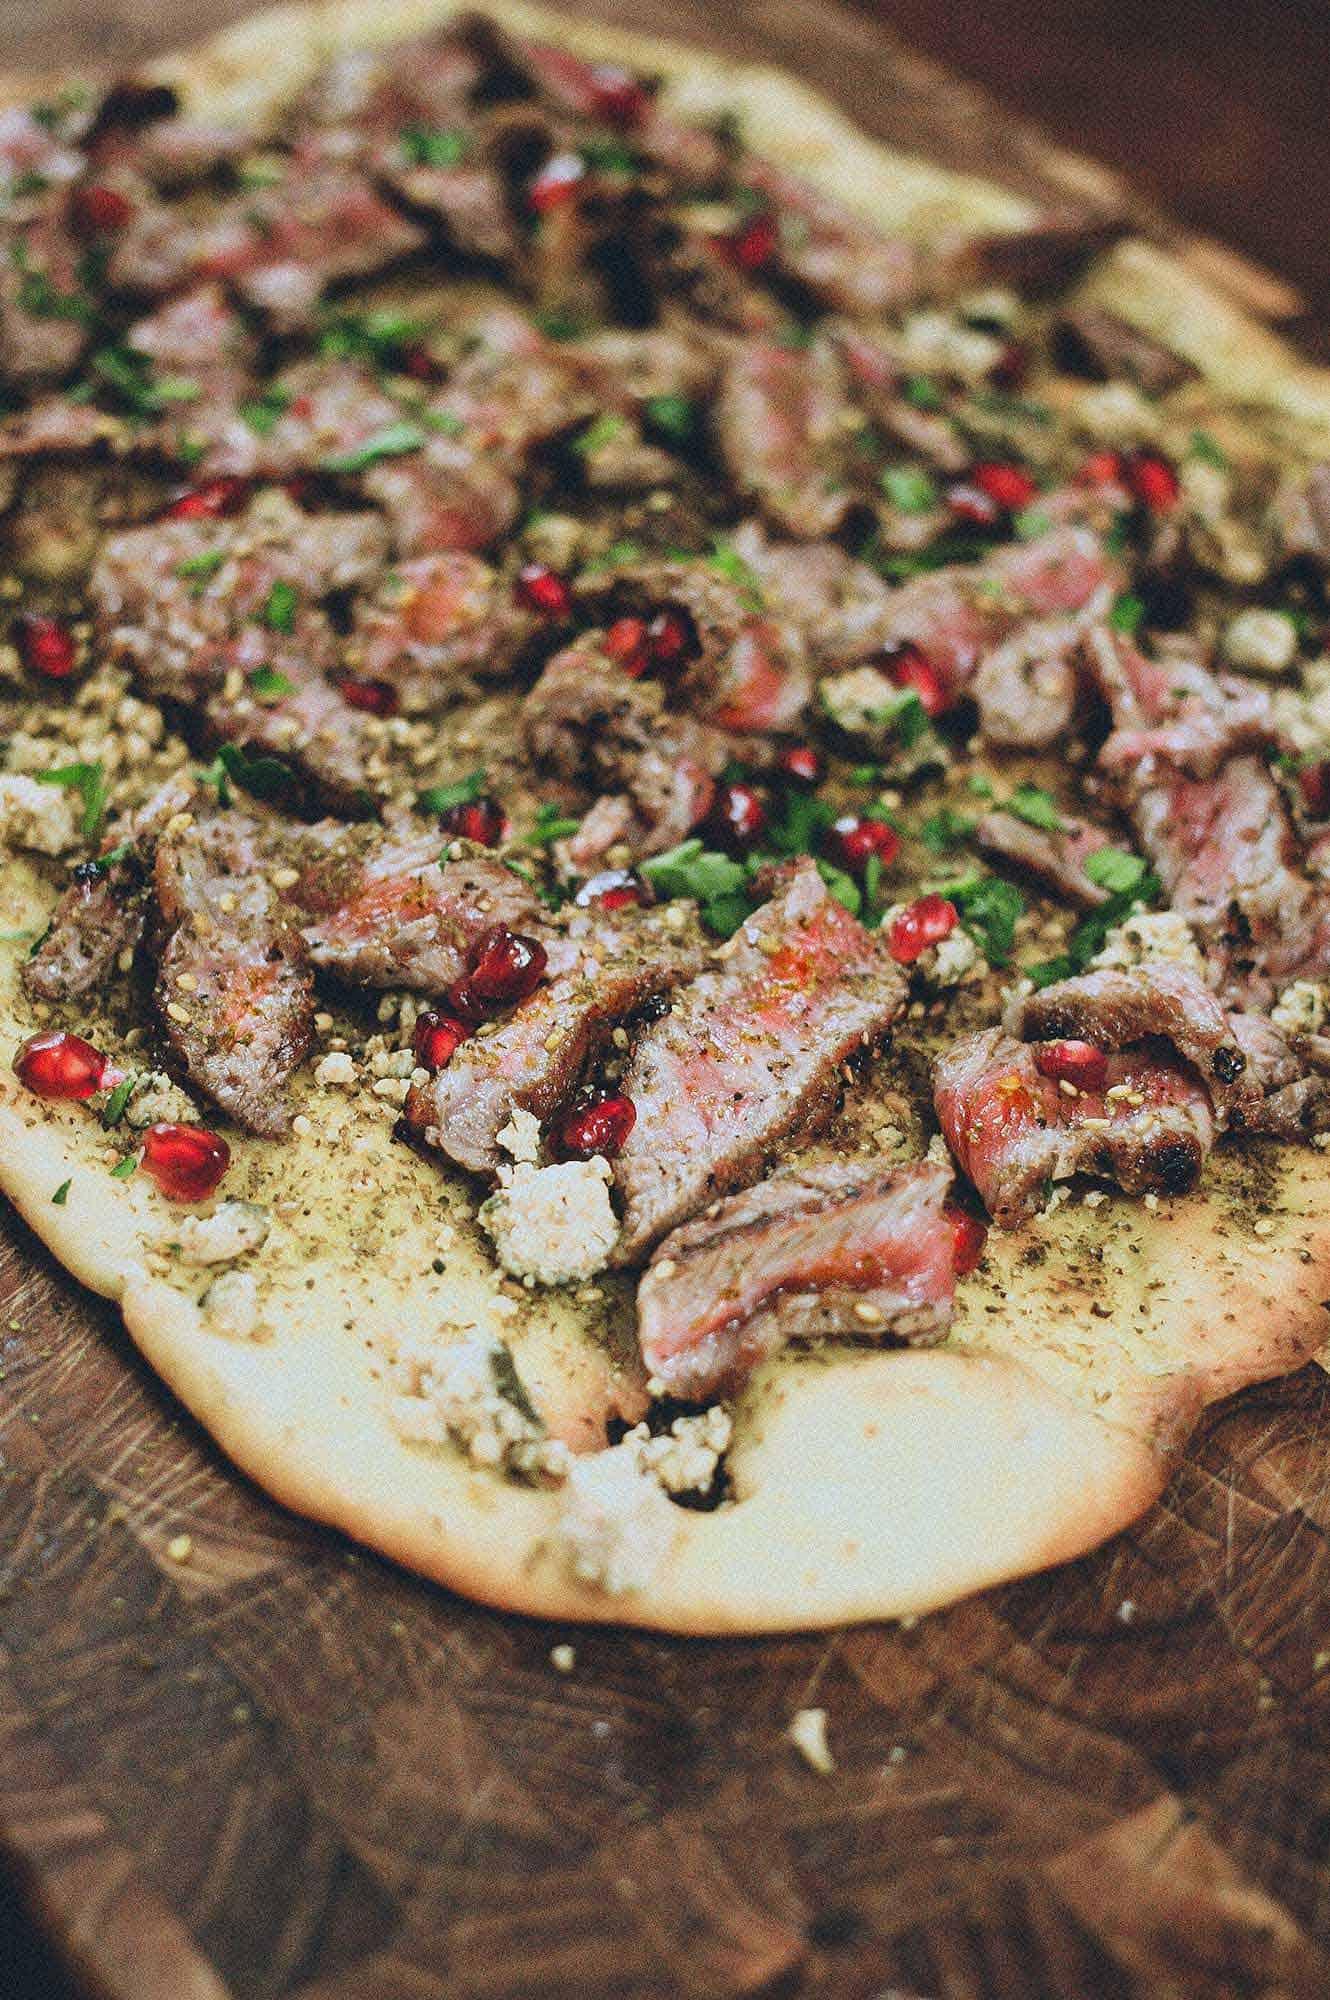 Za'atar Bread with Beef & Shangleesh